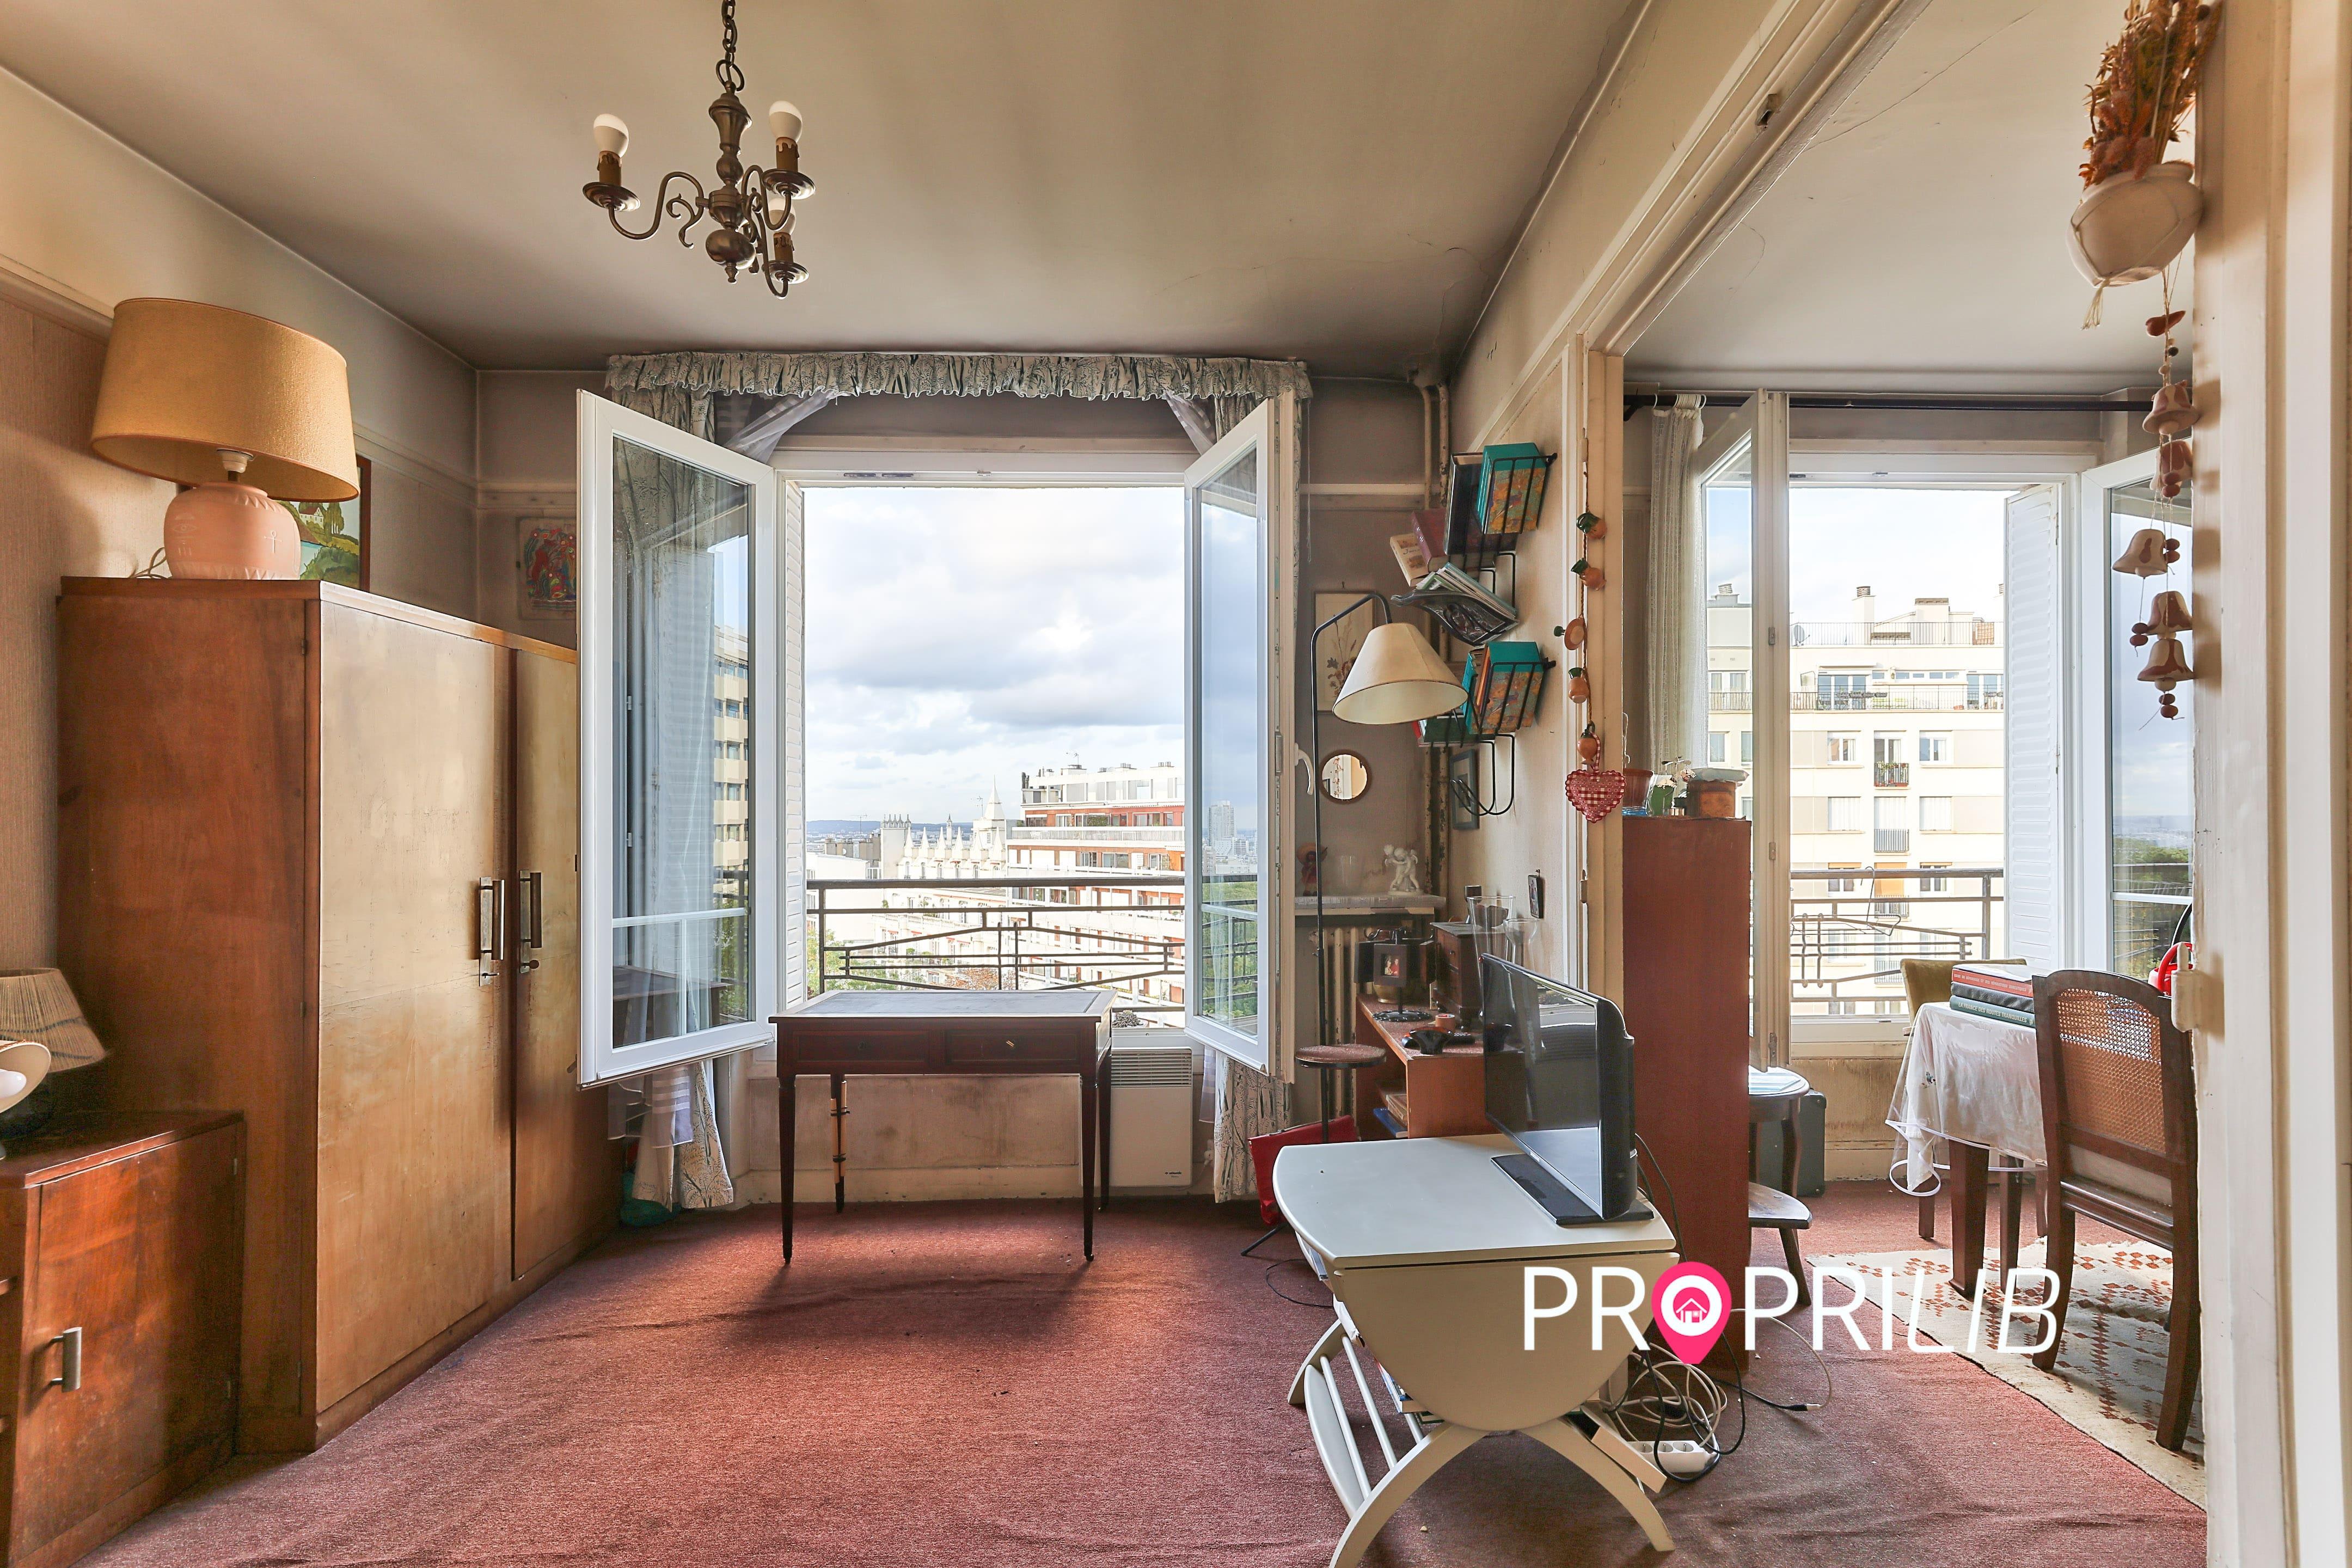 PropriLib l'agence immobilière en ligne au forfait vend cet appartement à Paris 19 ème